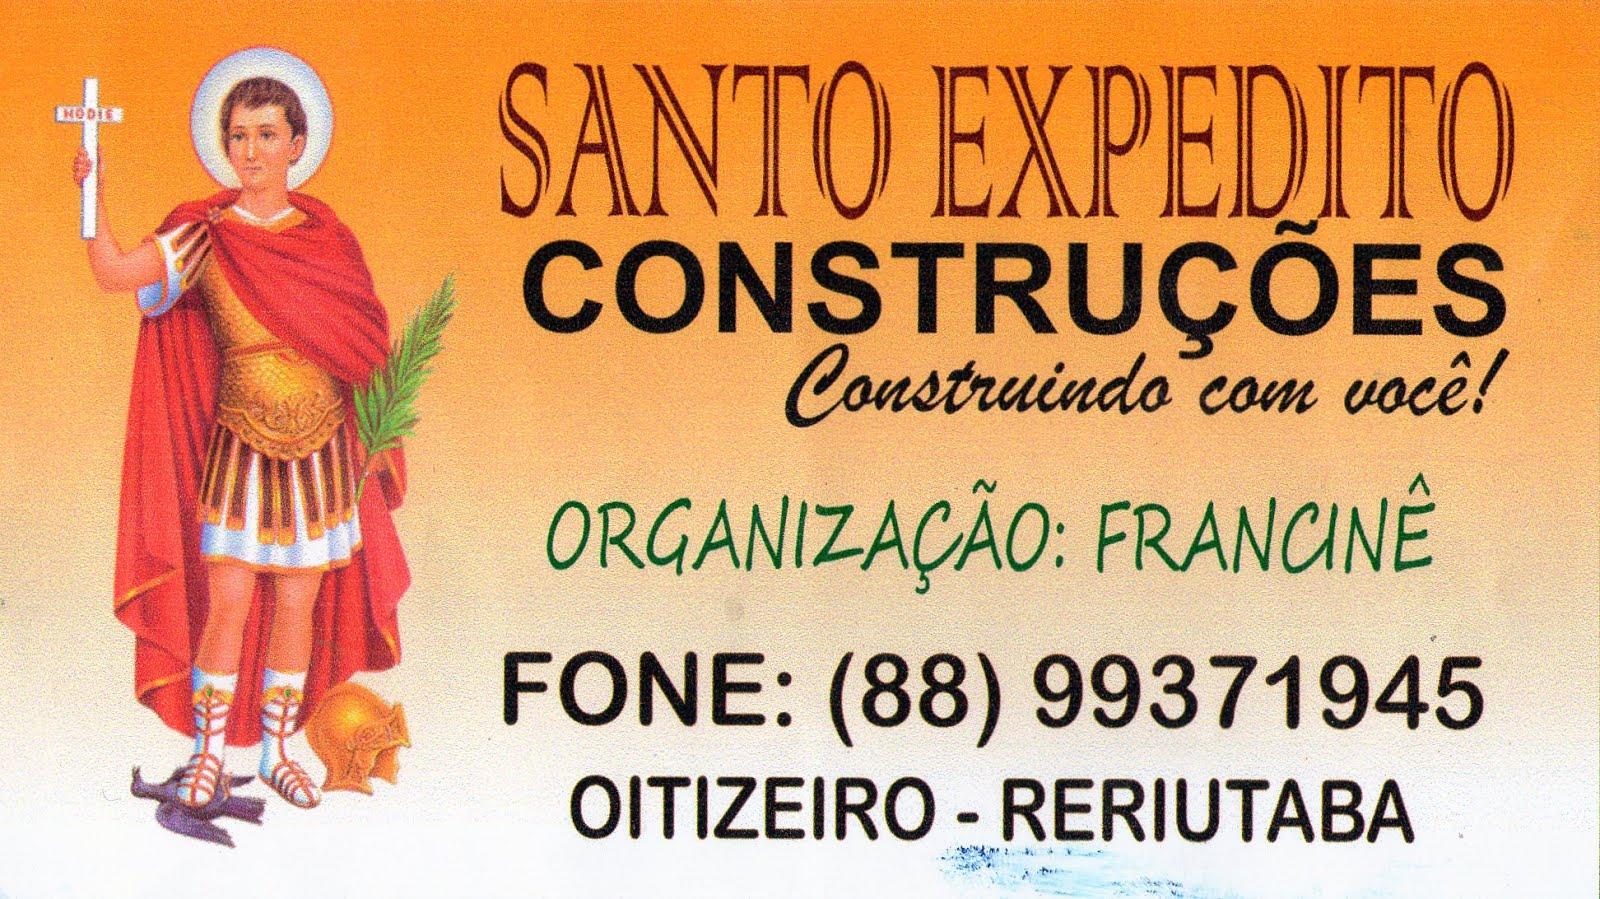 Santo Expedito Construções em Oitizeiro